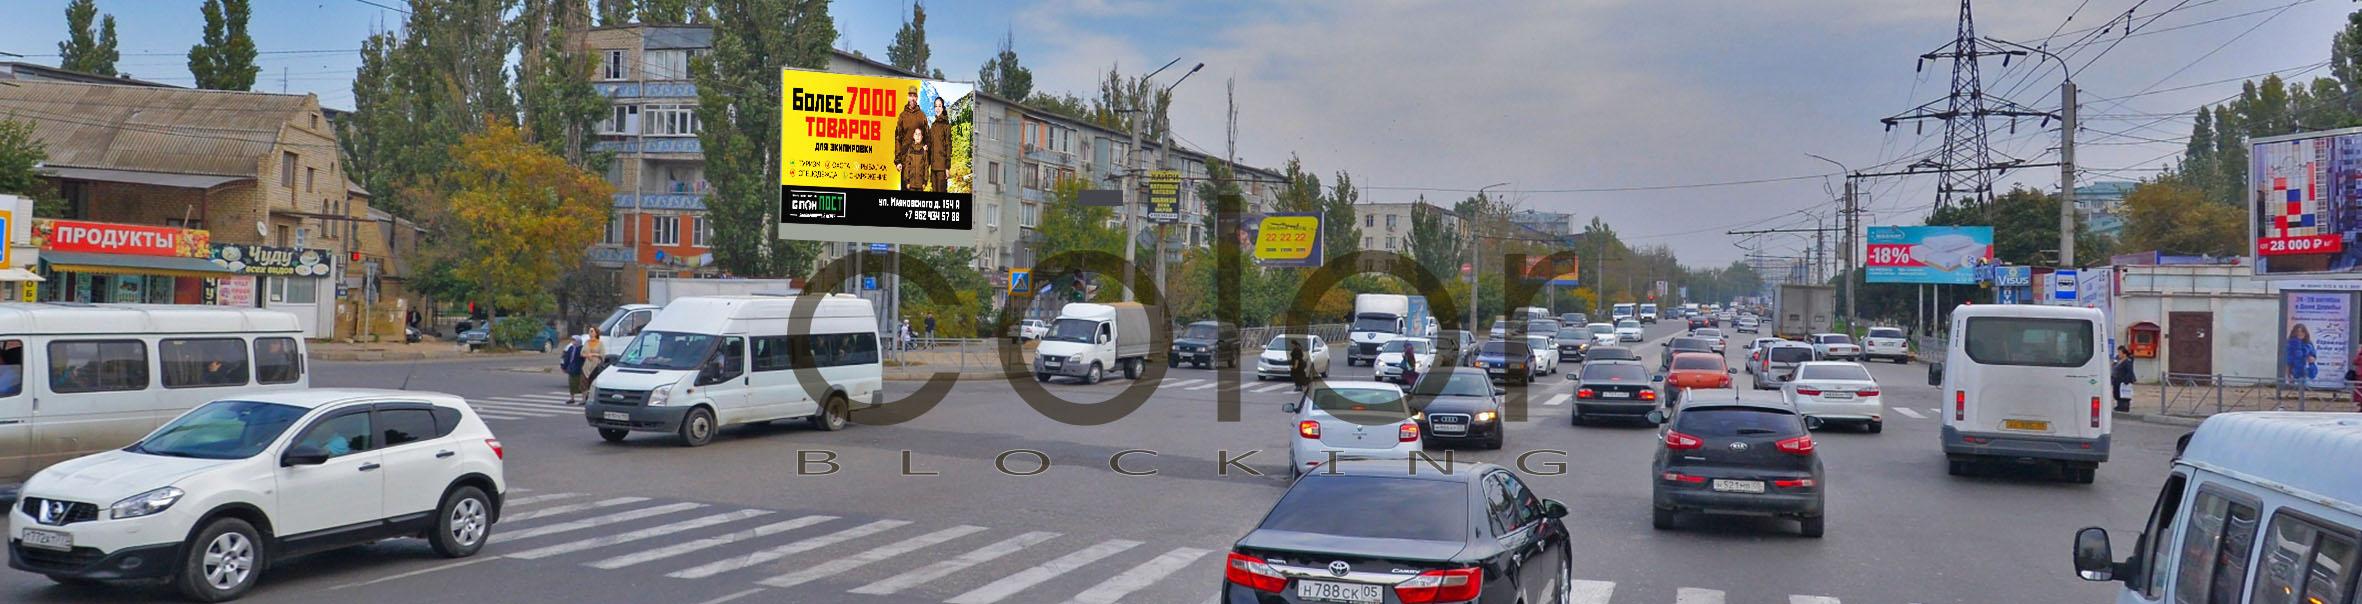 Размещение рекламы на светодиодных экранах в Махачкале собственник